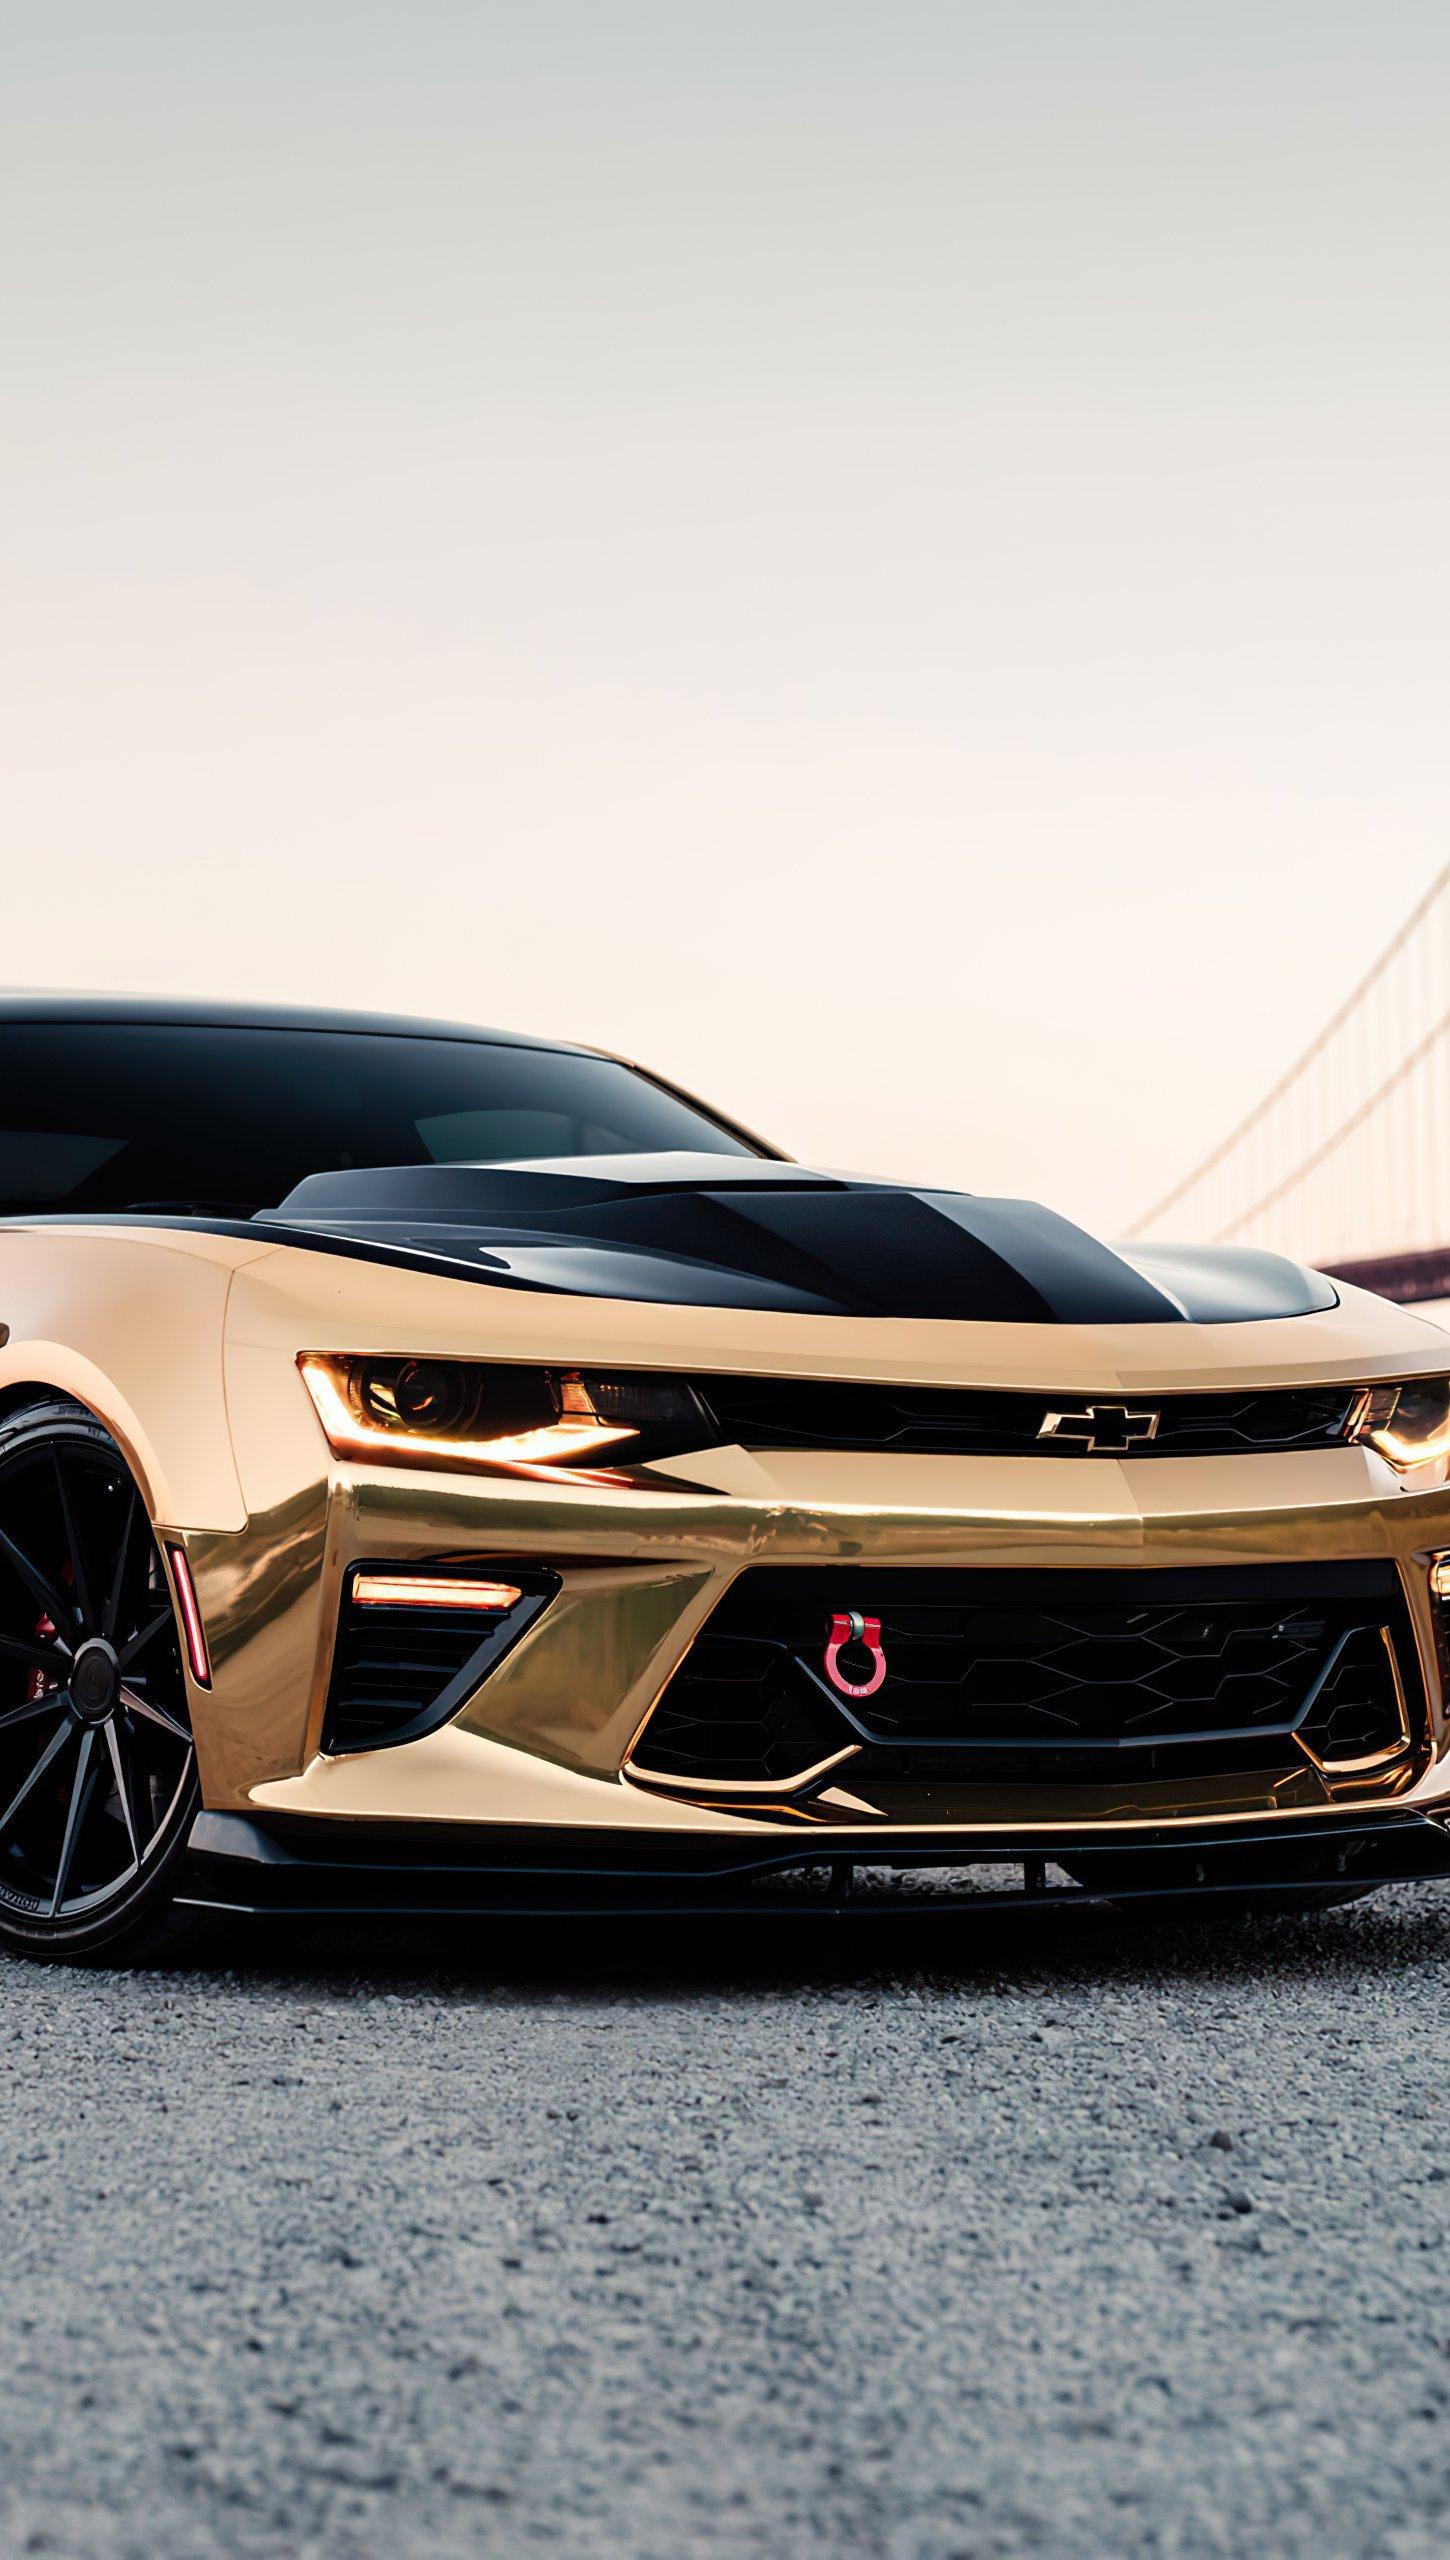 Fondos de pantalla Camaro Chrome dorado Vertical